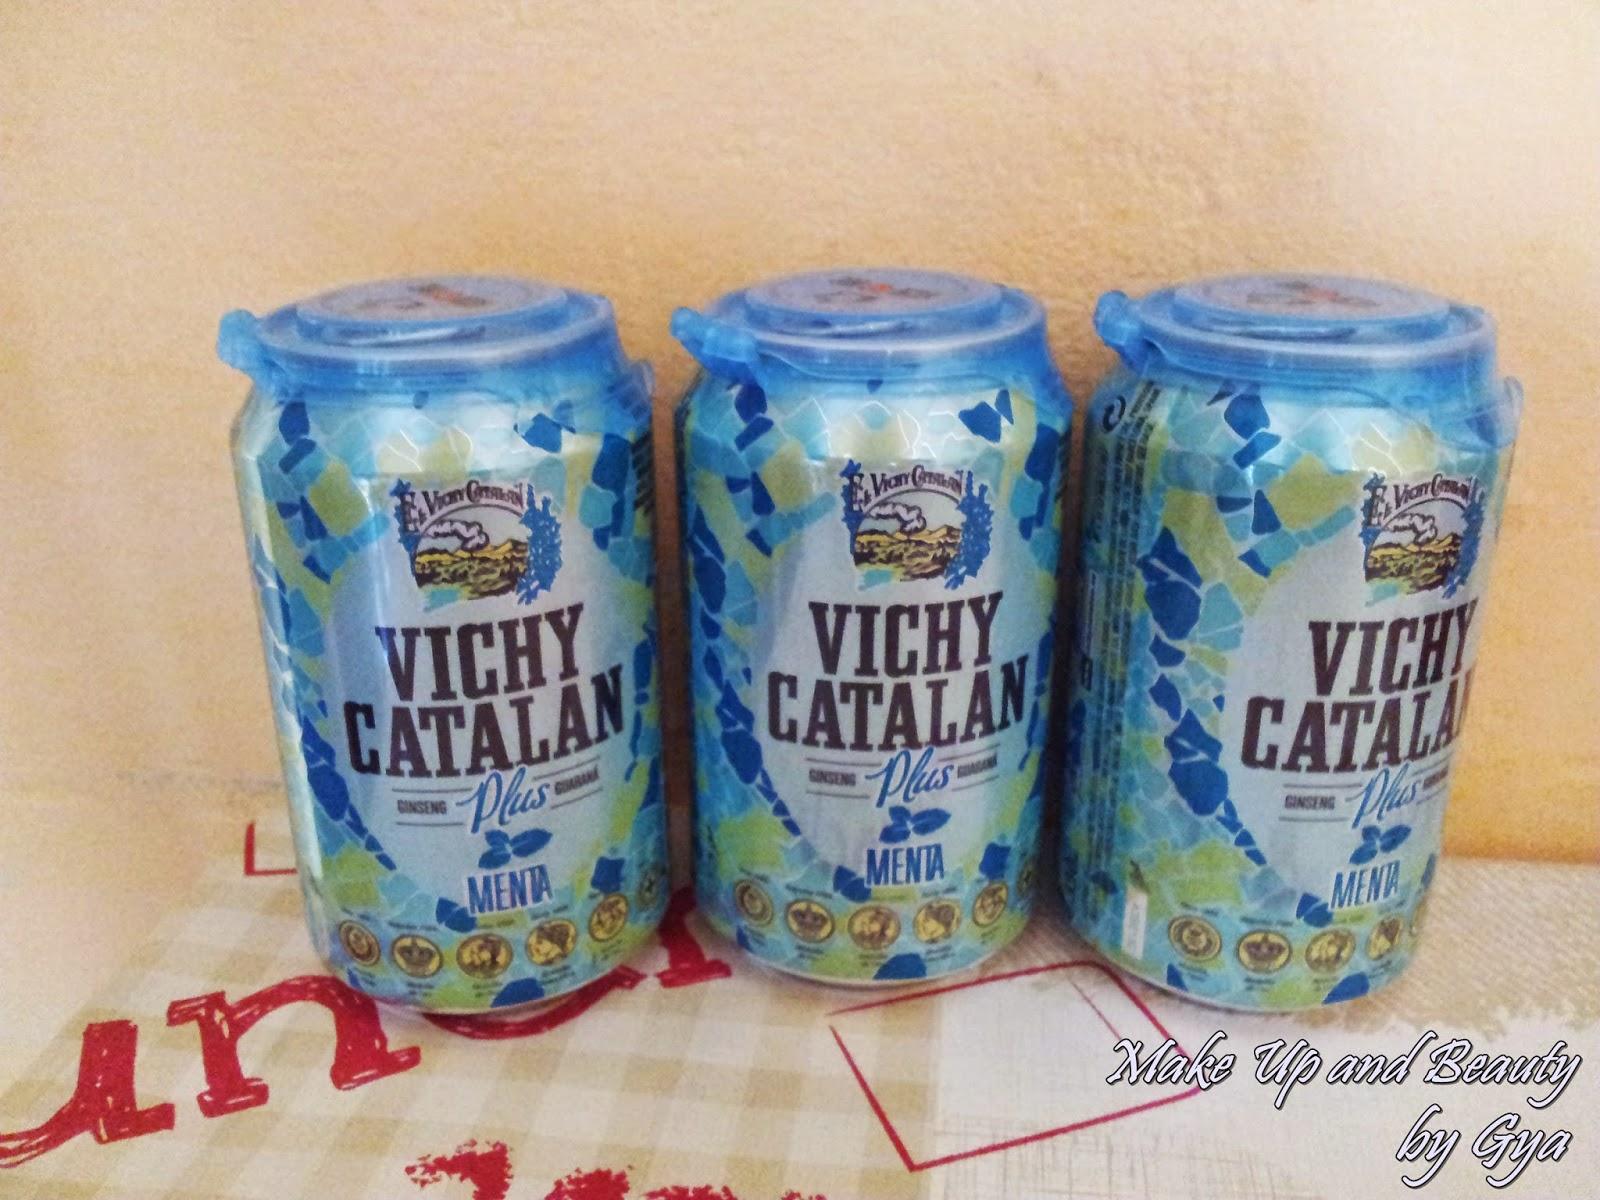 Vichy Catalán Menta